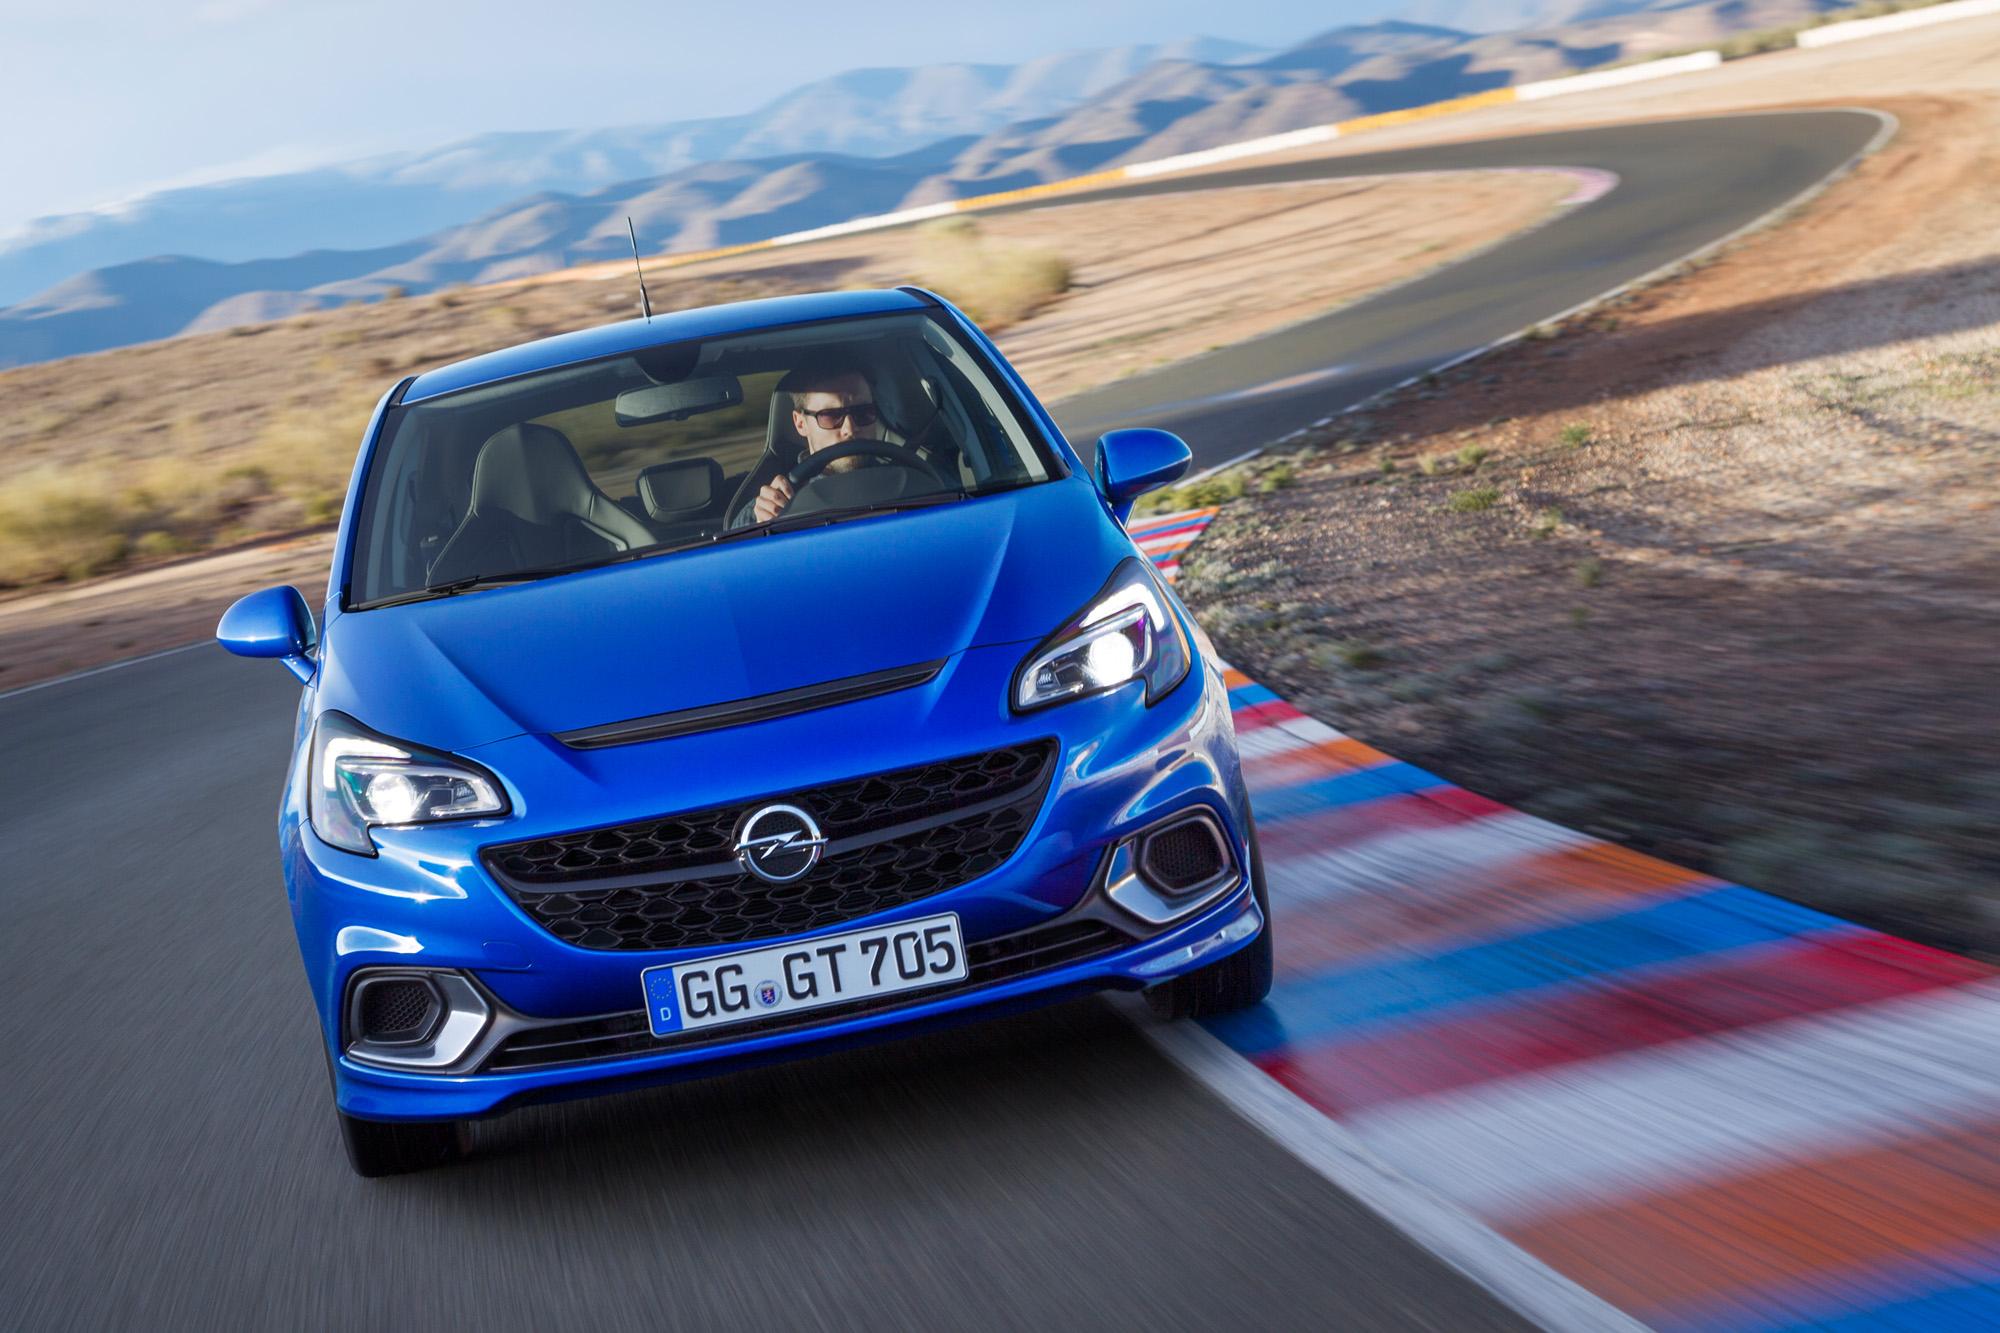 Bugansicht des neuen Opel Corsa OPC